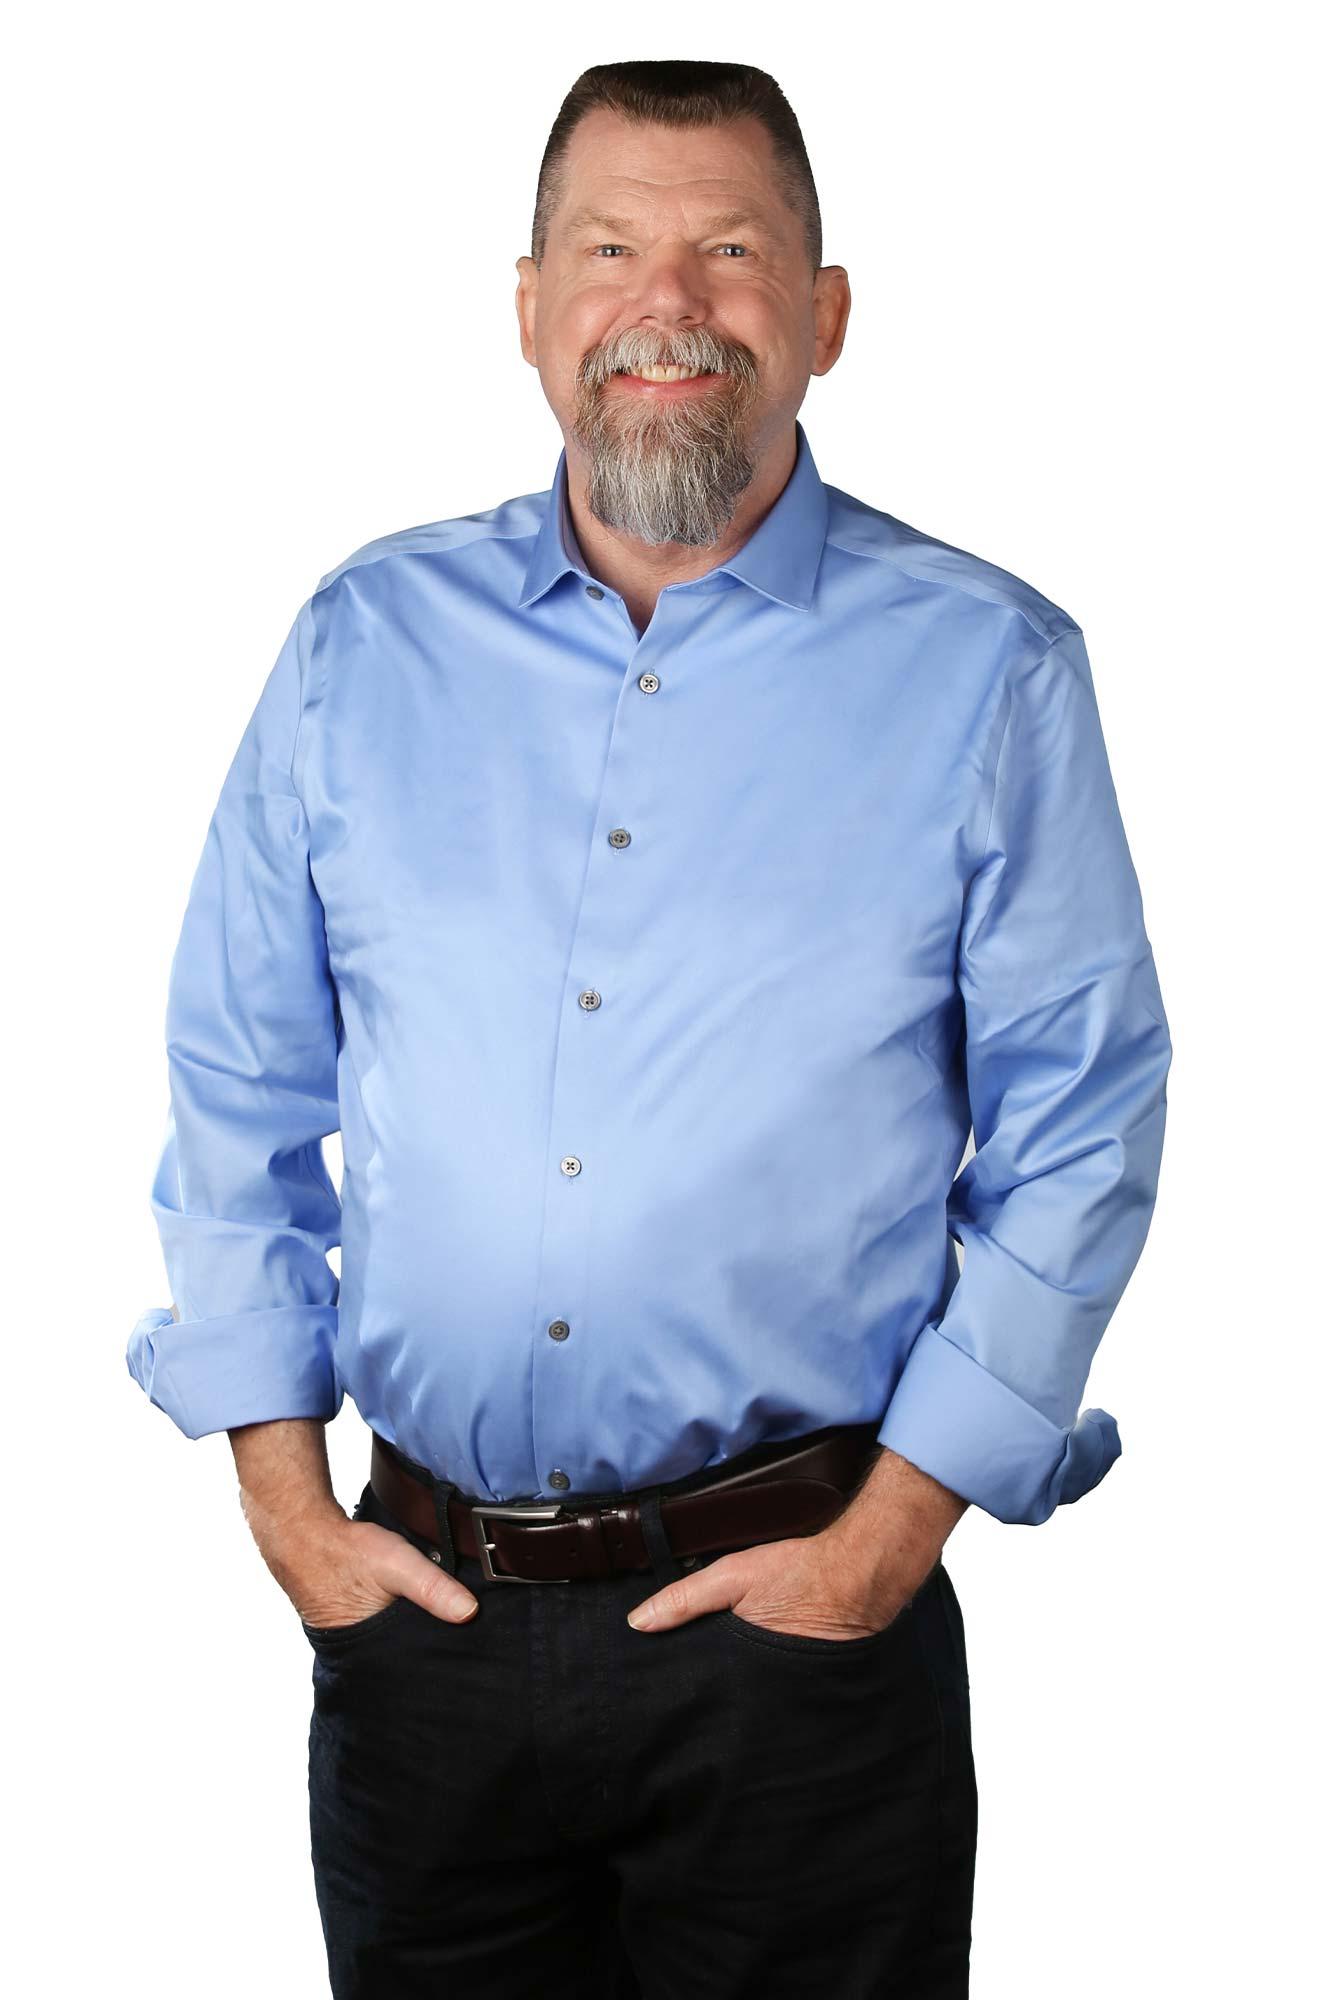 Randy Bultmann Senior Modeler Schaefer